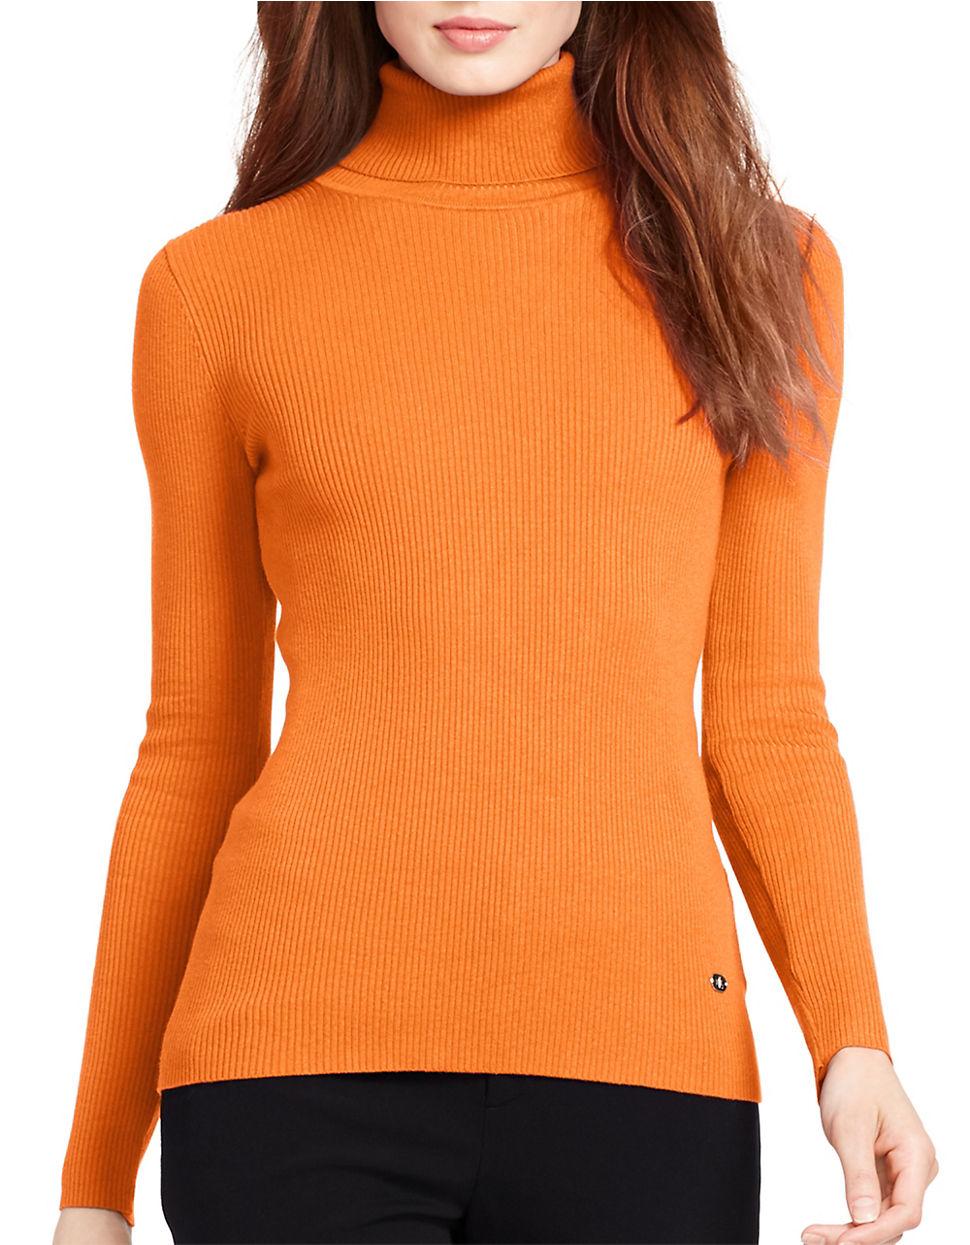 Lauren by ralph lauren Petite Ribbed Turtleneck Sweater in Orange ...